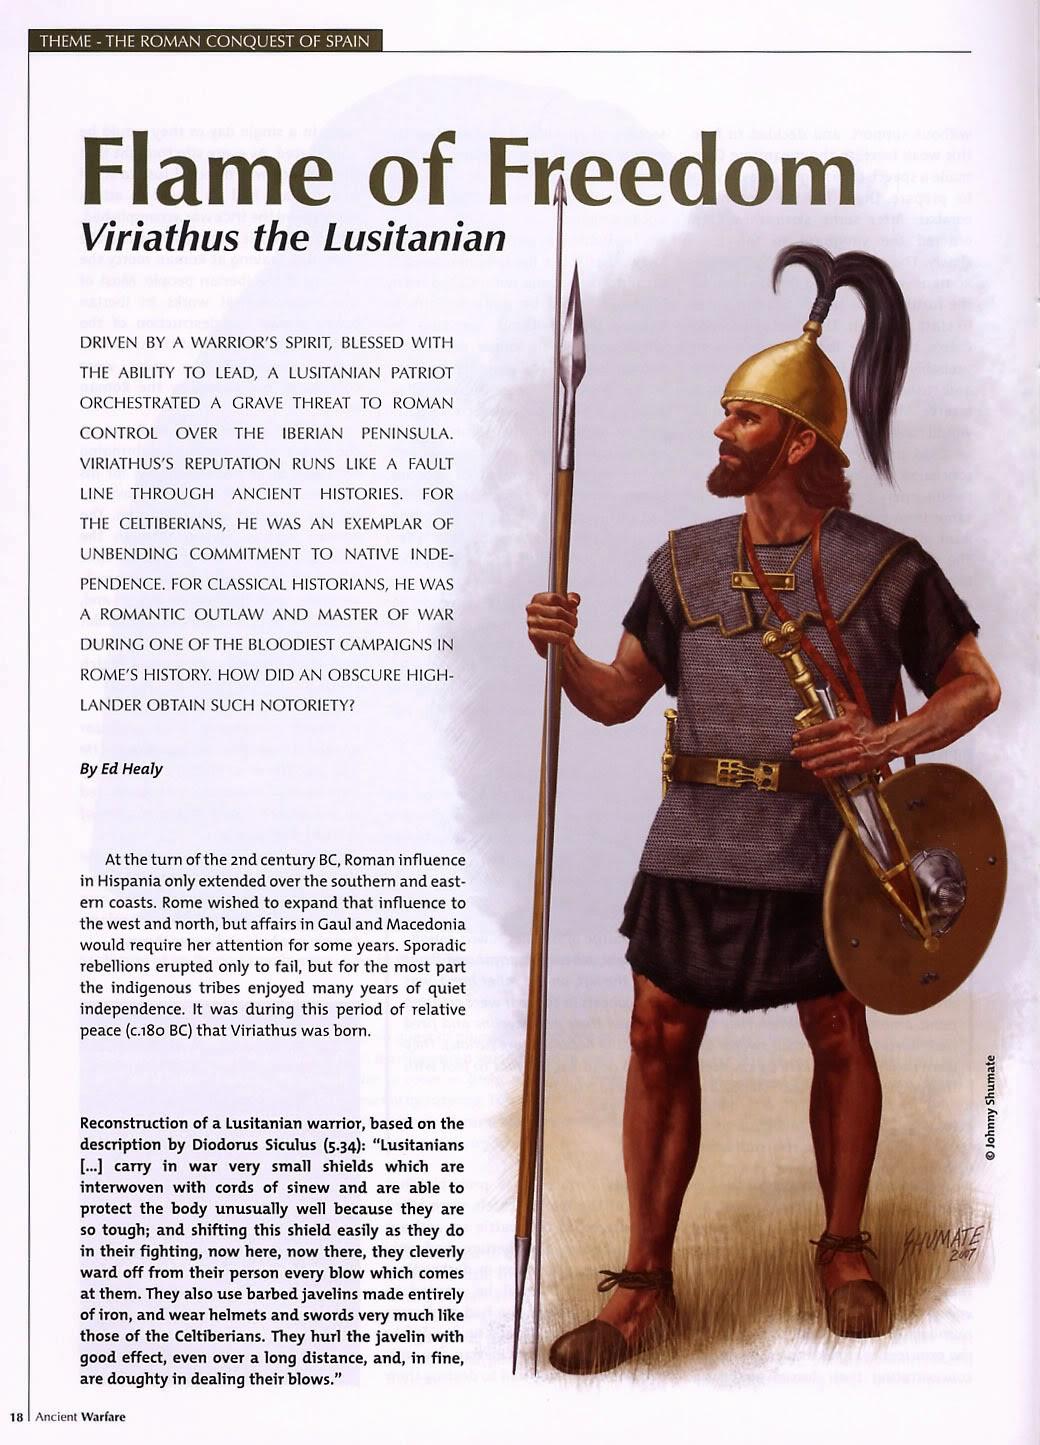 Viriathus_the_Lusitanian.jpg